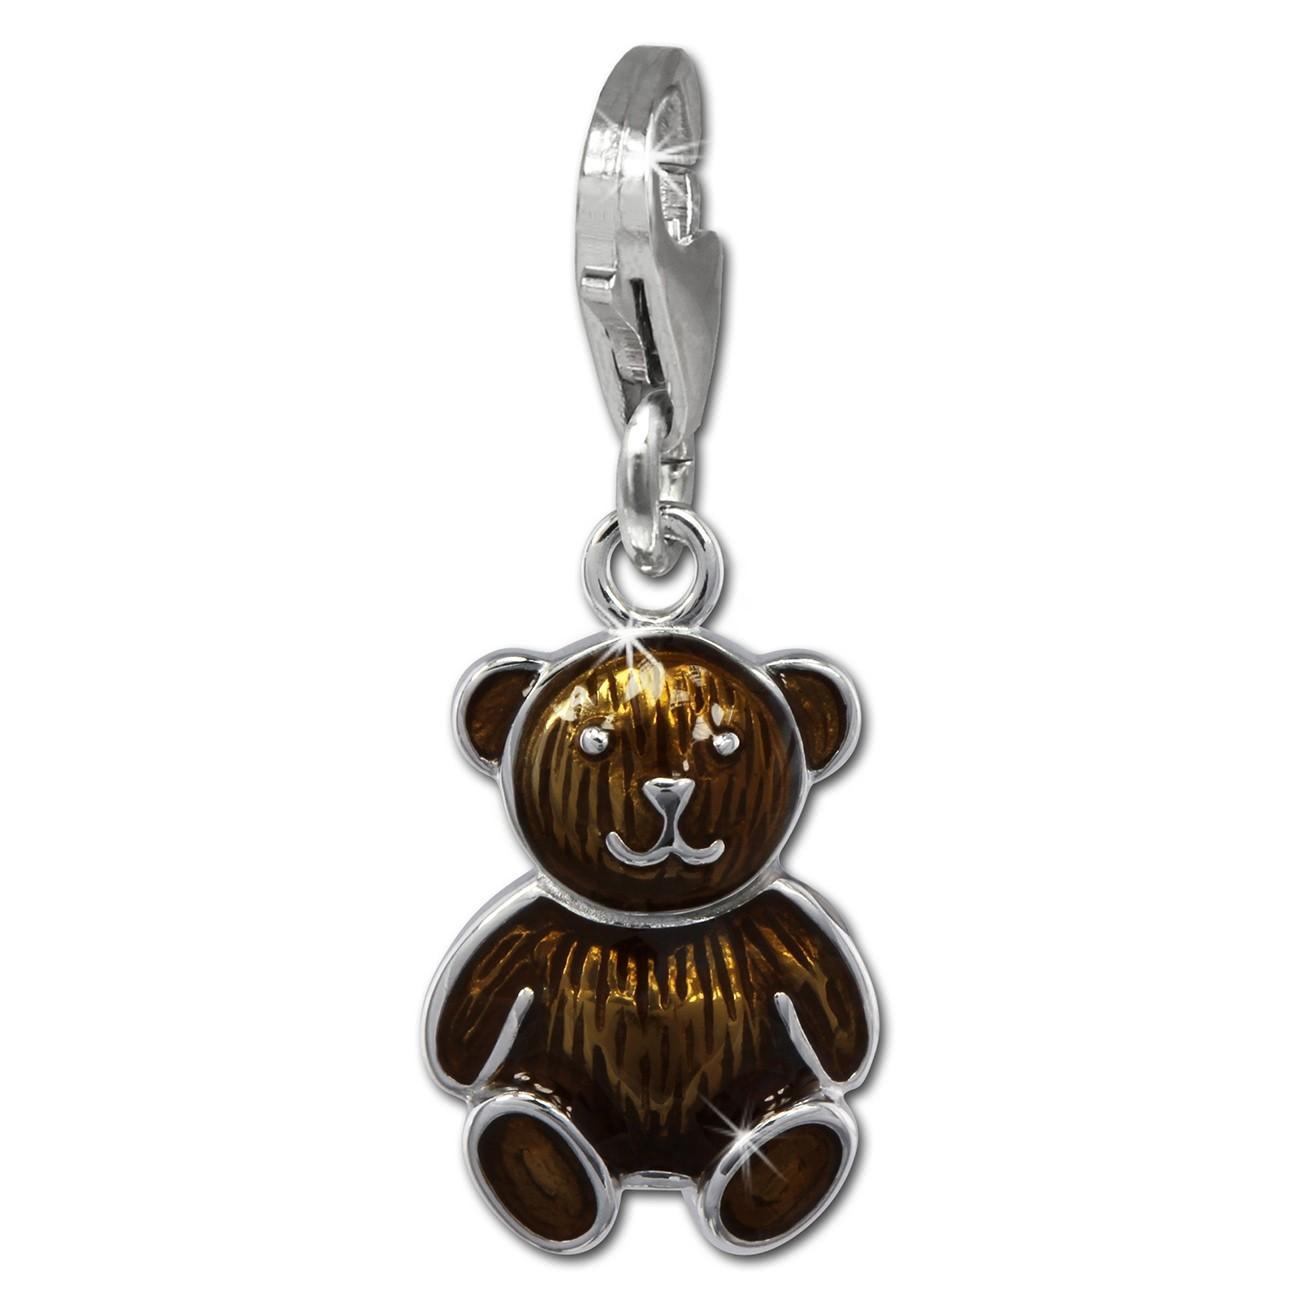 SilberDream Charm Teddybär braun 925er Silber Armband Anhänger FC855N